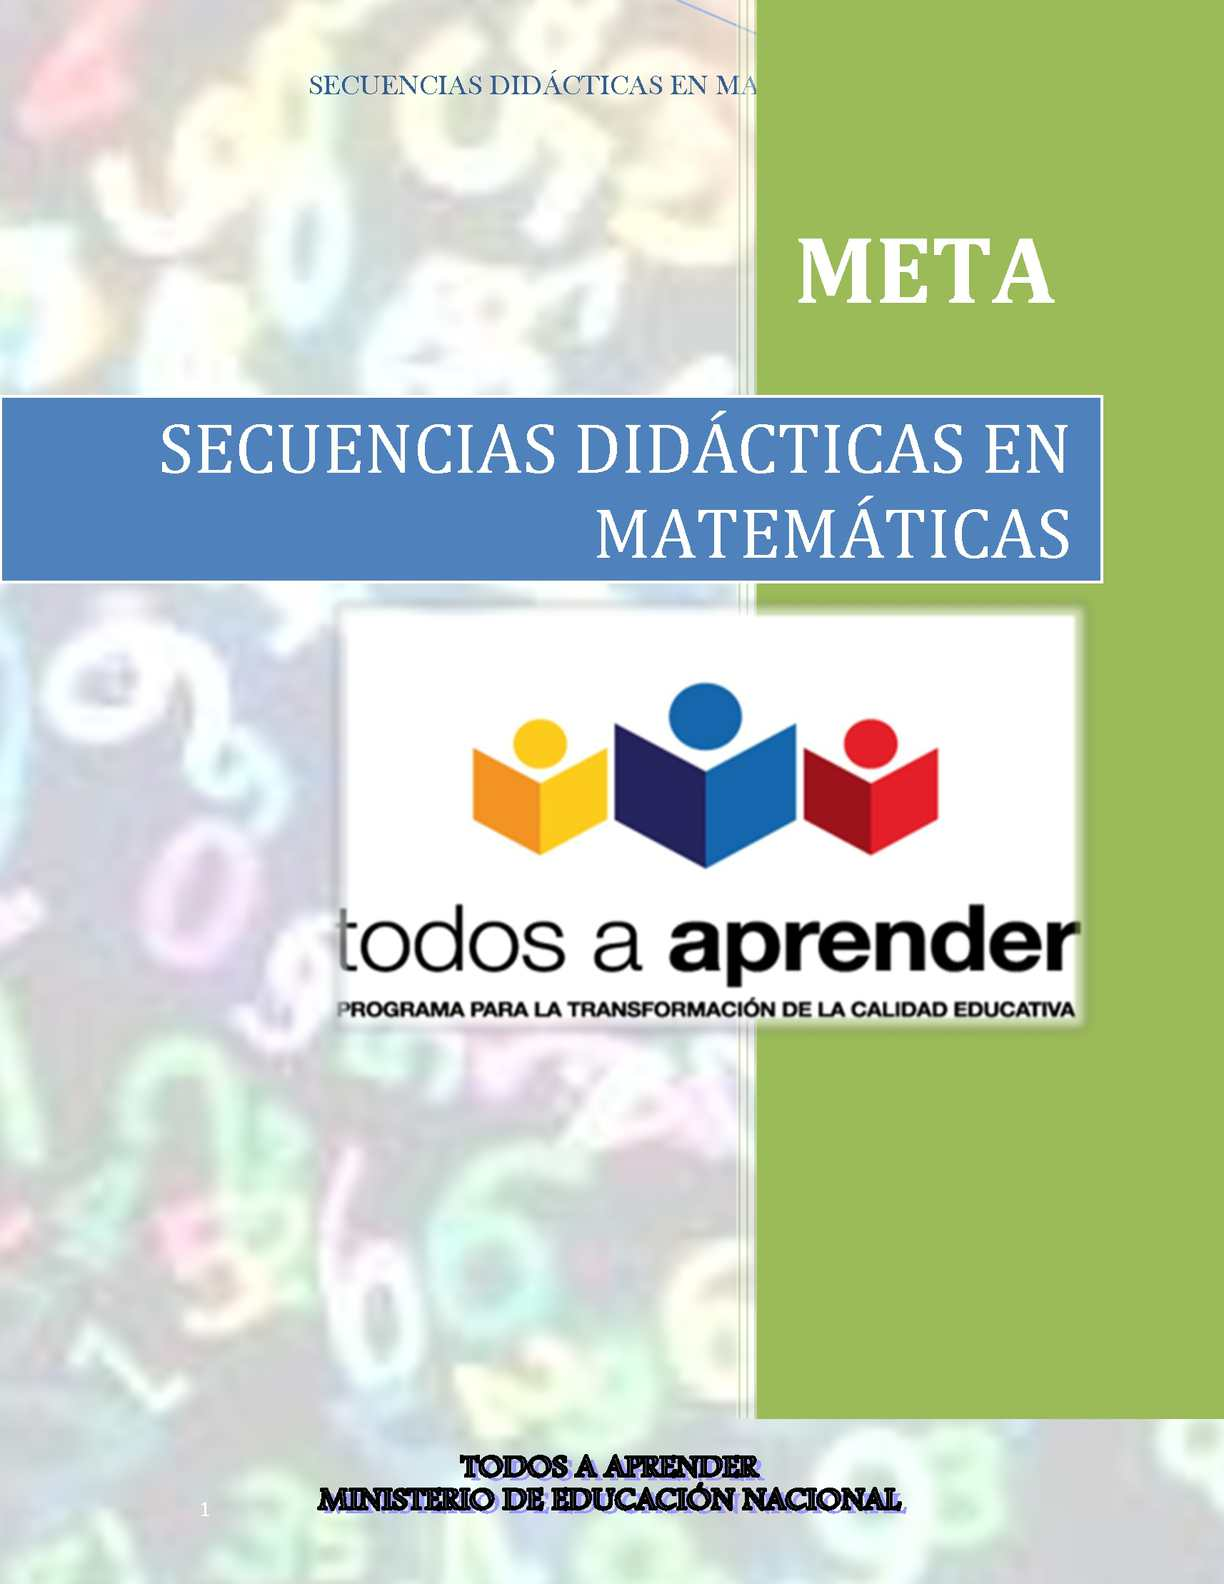 SECUENCIA DIDÁCTICA EN MATEMÁTICA - CALAMEO Downloader